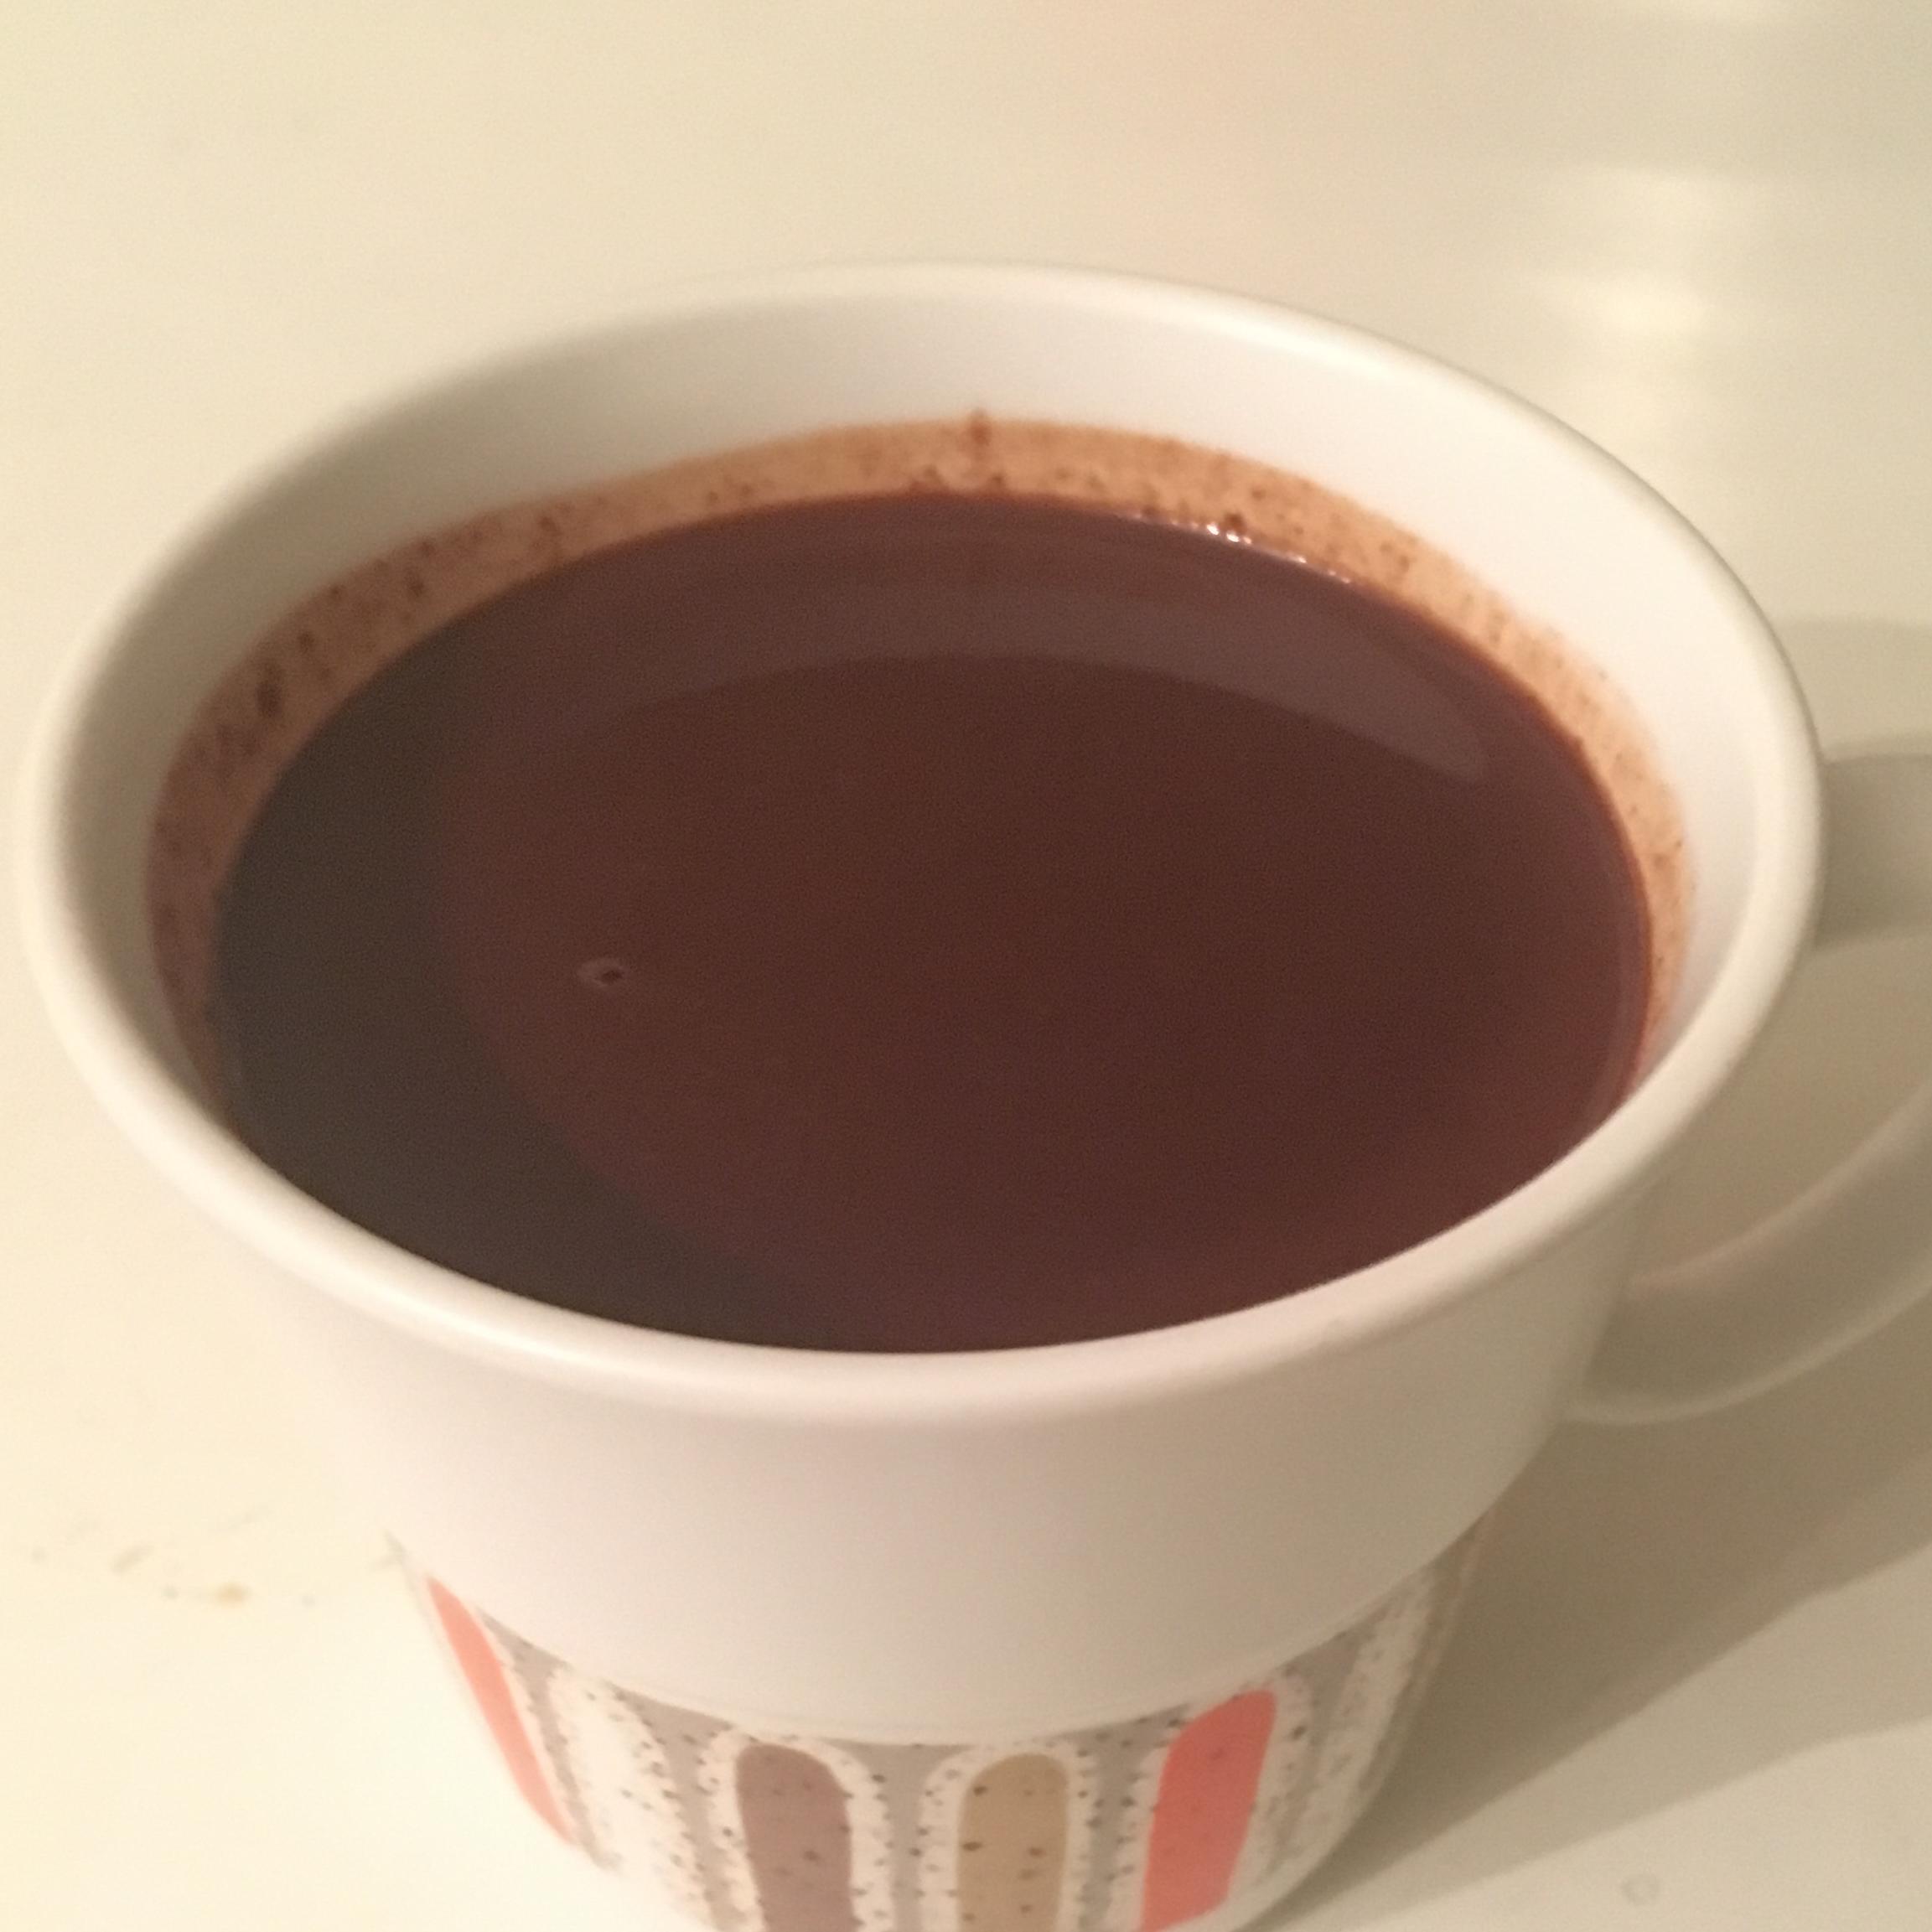 Heavenly Drinkable Chocolate Laila V